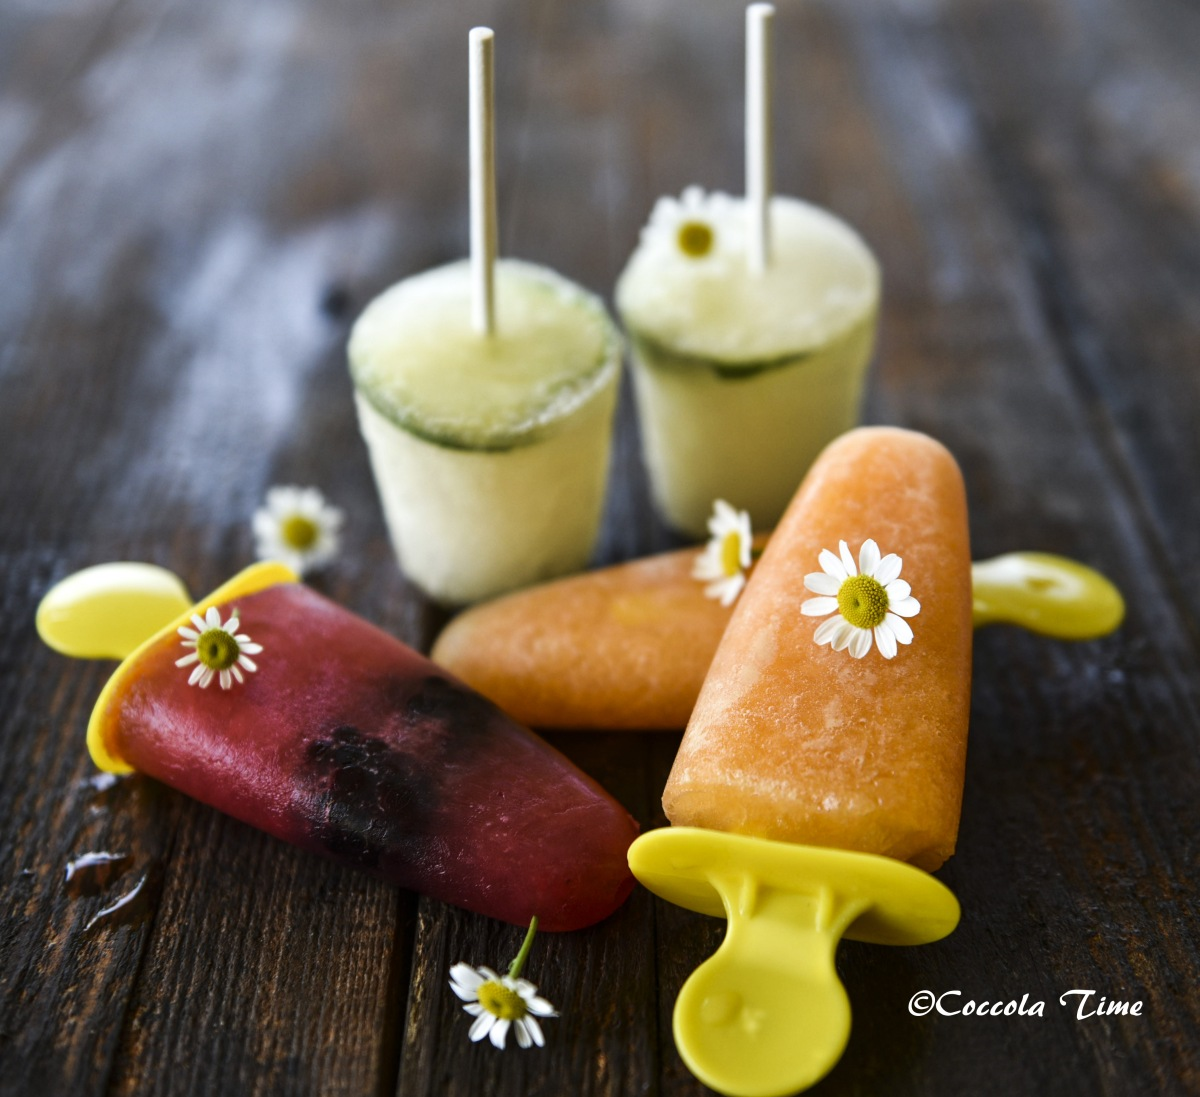 Ghiaccioli, sorbetti e gelato ...W l'estate #Seguilestagioni